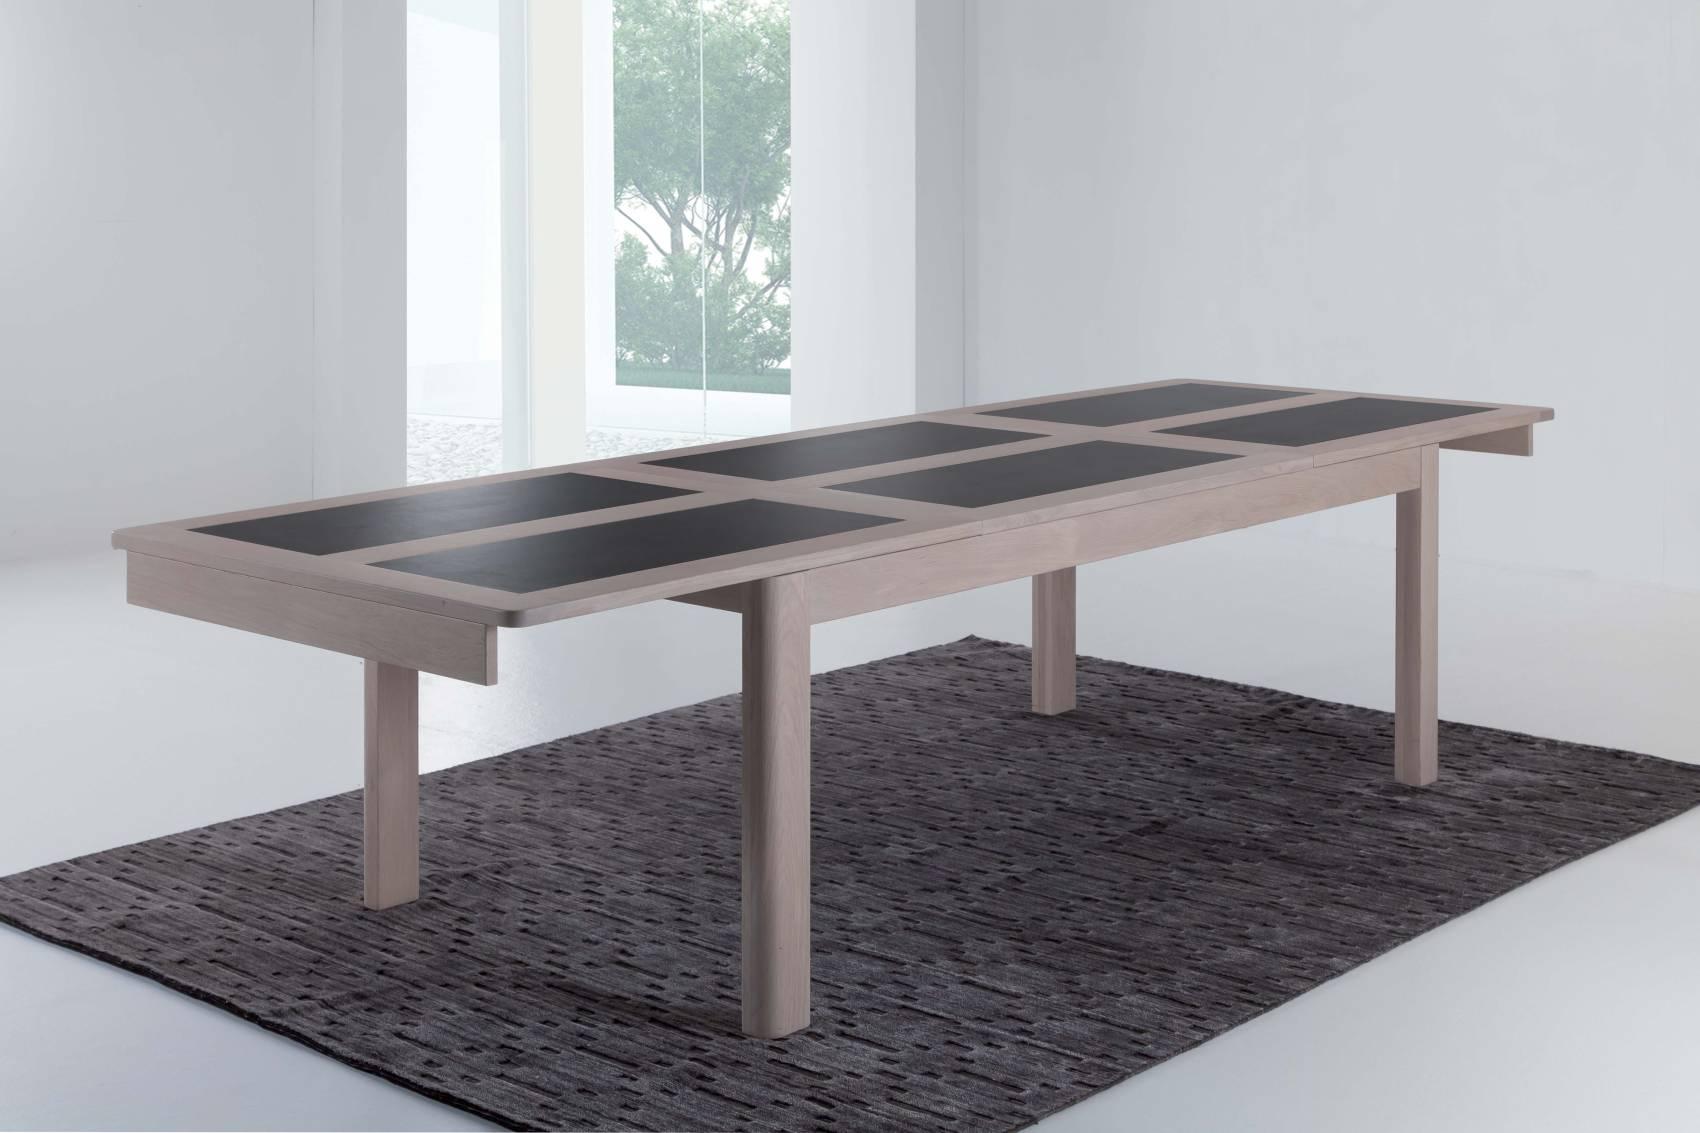 Table de salle manger deauvil 4 pieds bois deco for Fabrication d une table de salle a manger